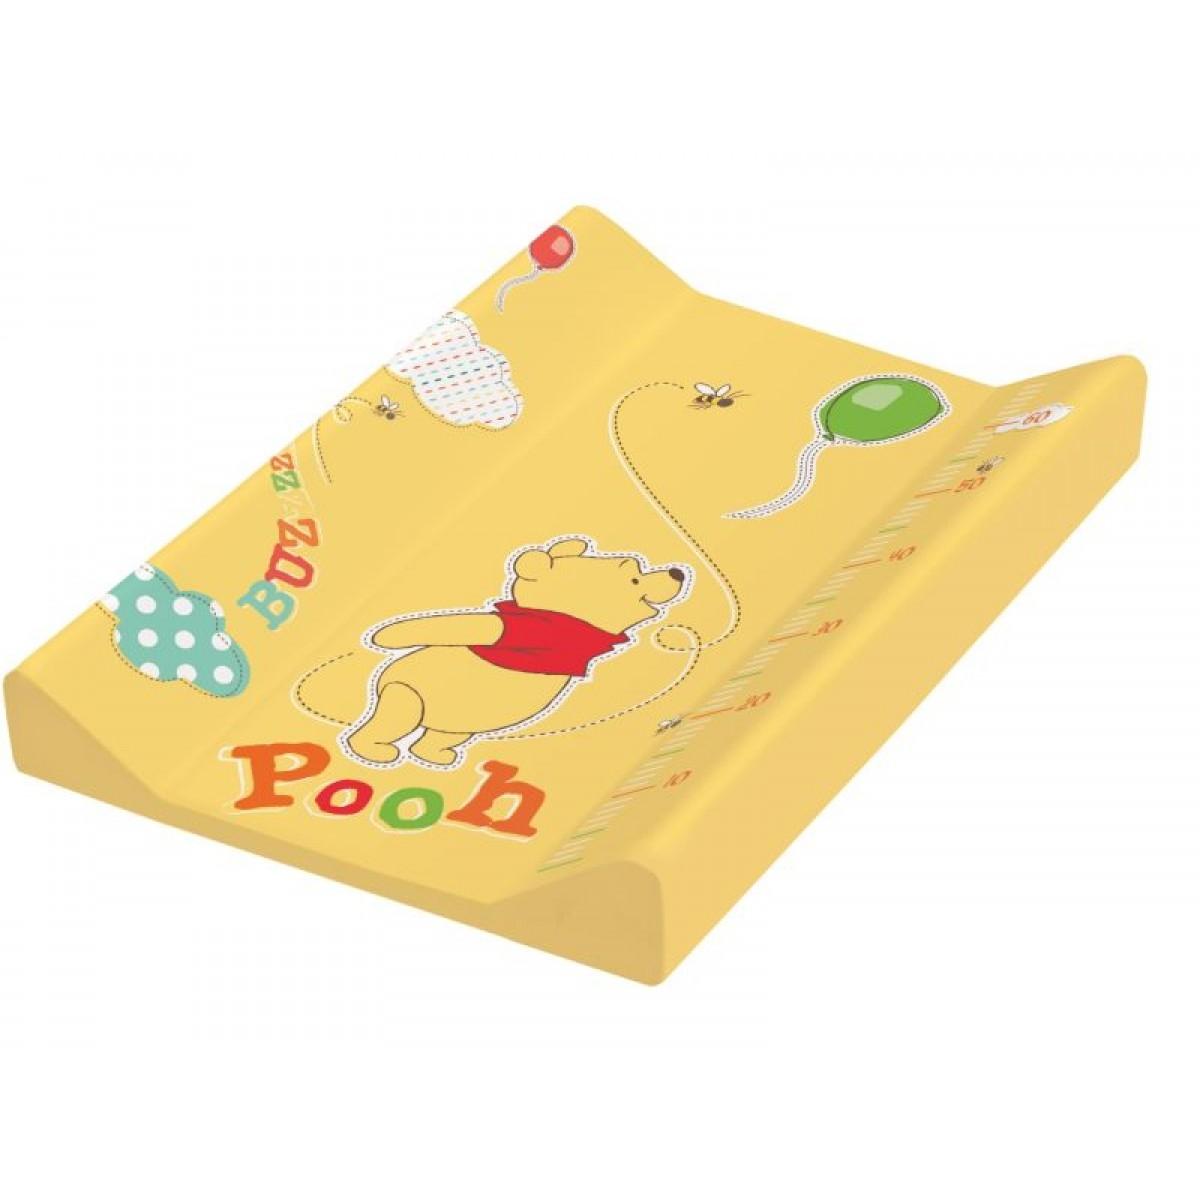 Пеленальная доска с жёстким основанием с меркой - Винни Пух, жёлтый 50 х 70 смСтолы для пеленания<br>Пеленальная доска с жёстким основанием с меркой - Винни Пух, жёлтый 50 х 70 см<br>